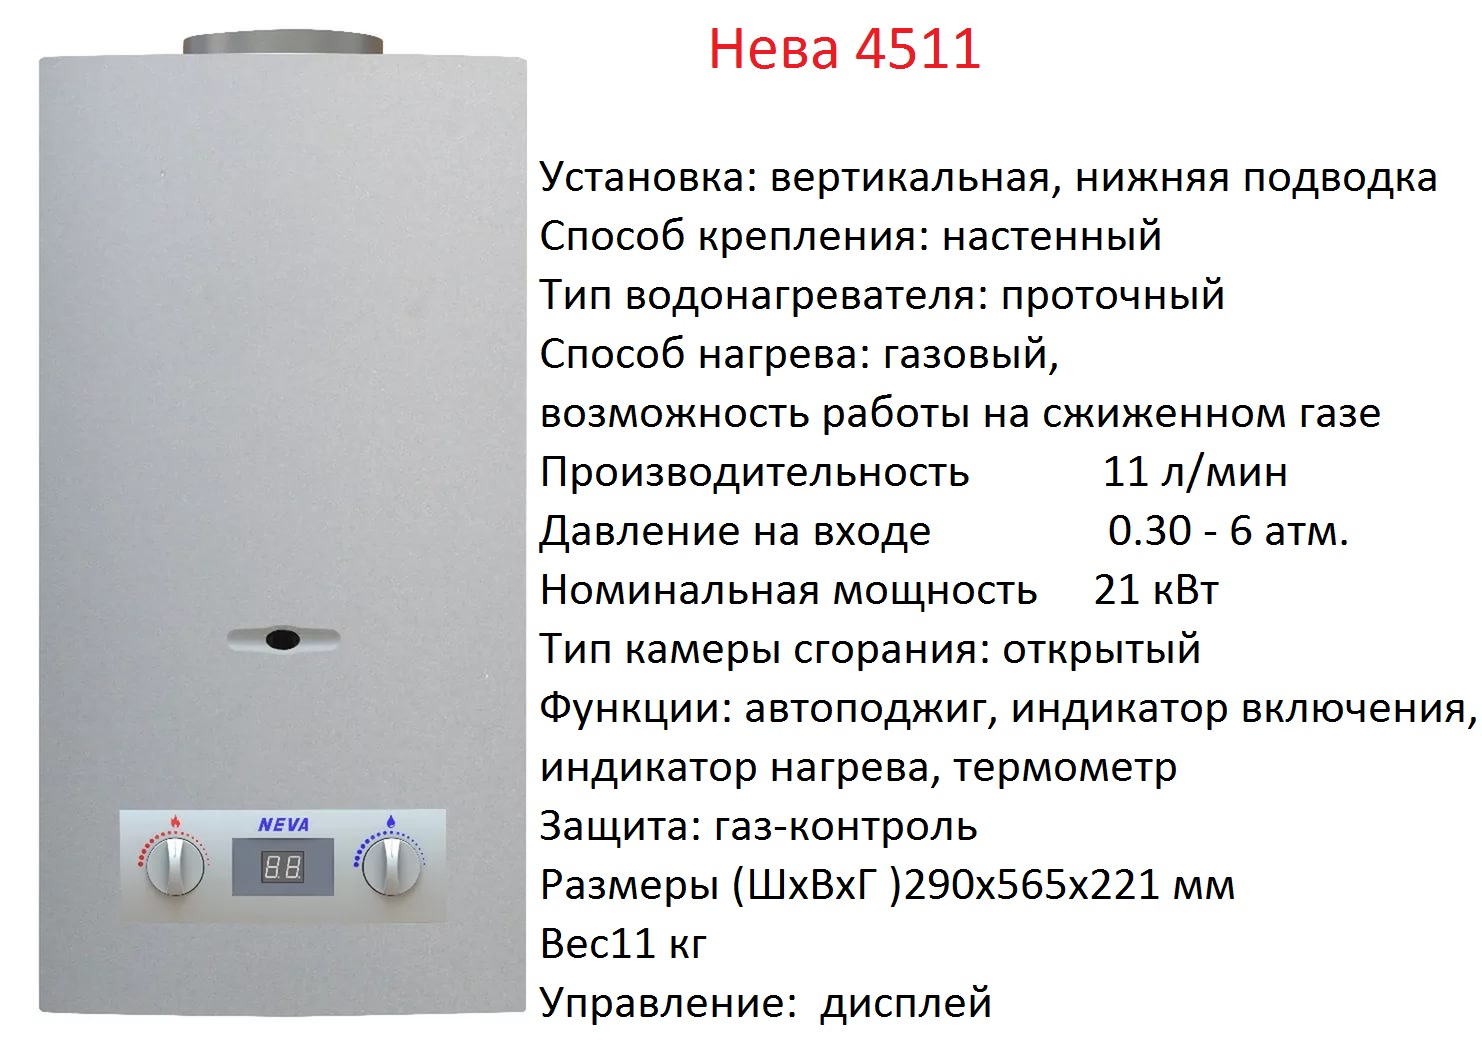 Газовые колонки нева и нева люкс (neva и nevalux)